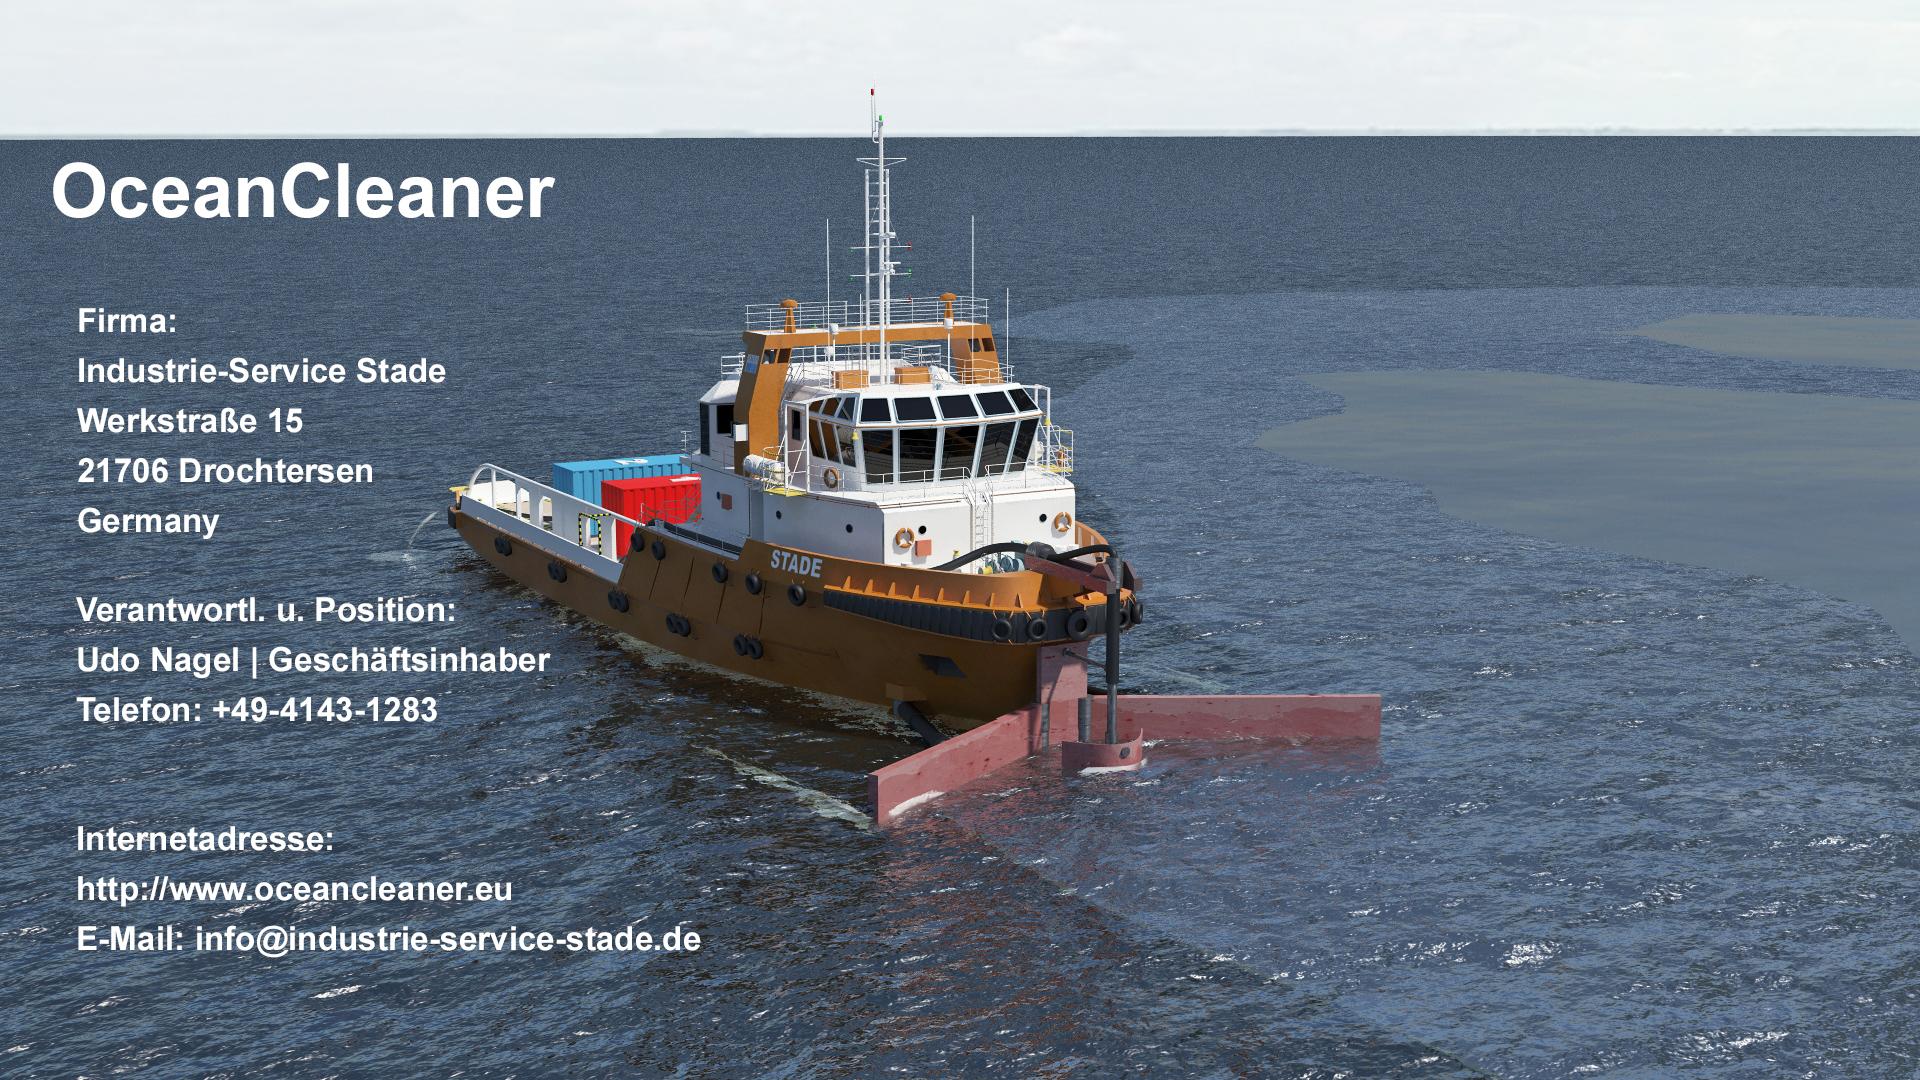 Oceancleaner.eu